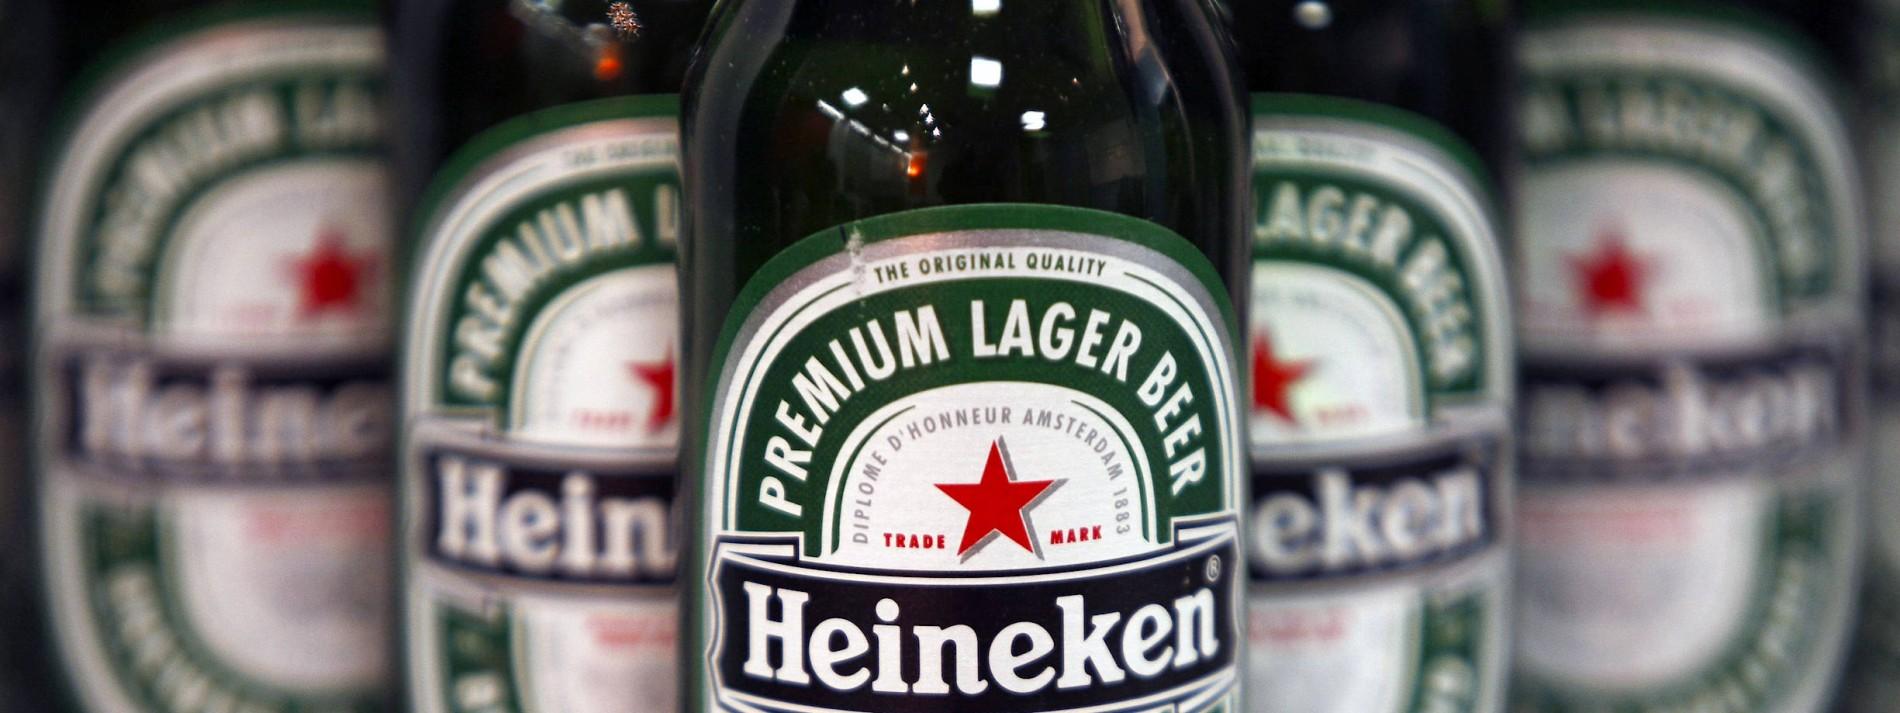 heineken will grossten biermarkt der